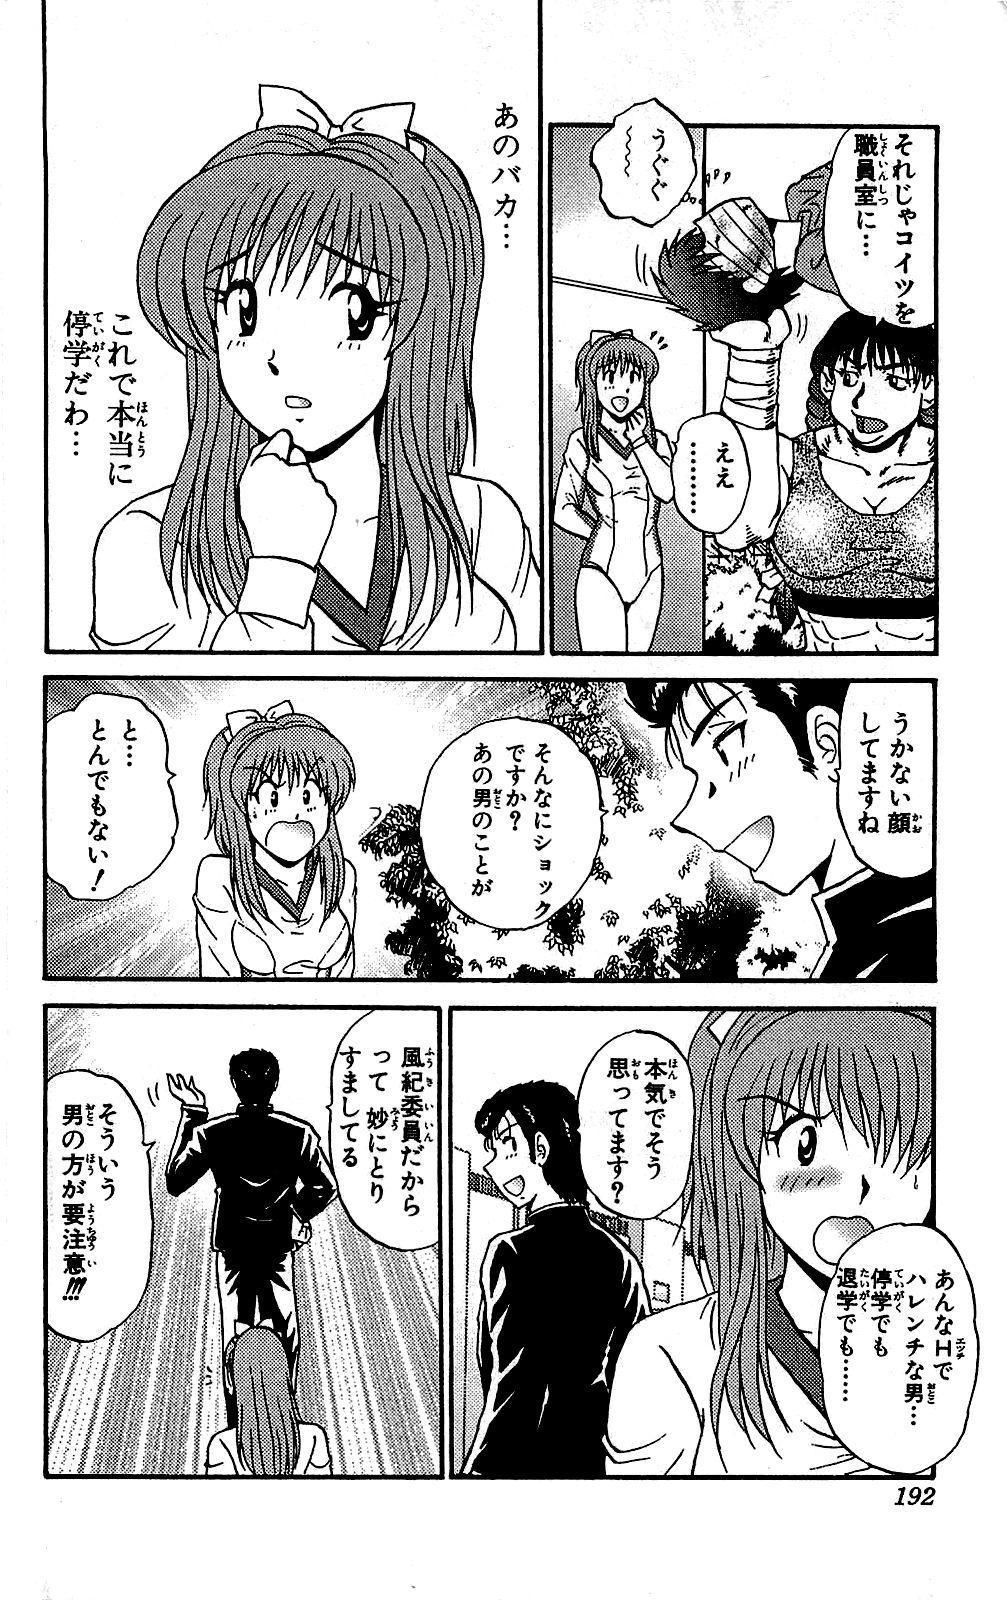 Miracle Make Yuuji 192